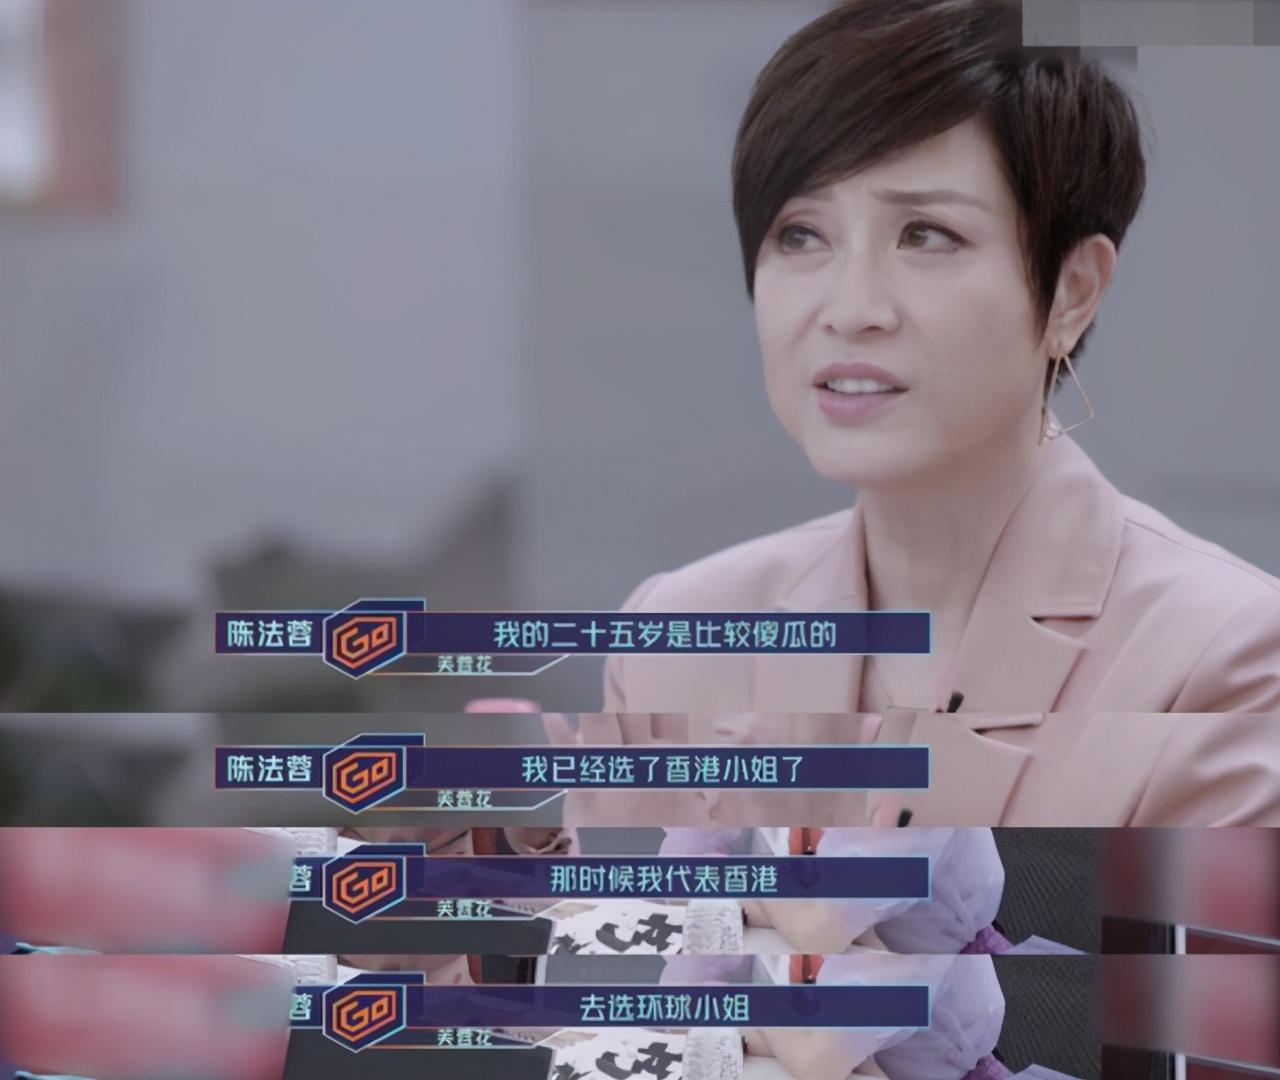 陈法蓉追星太真实,曾想放弃环球小姐和偶像刘德华拍戏